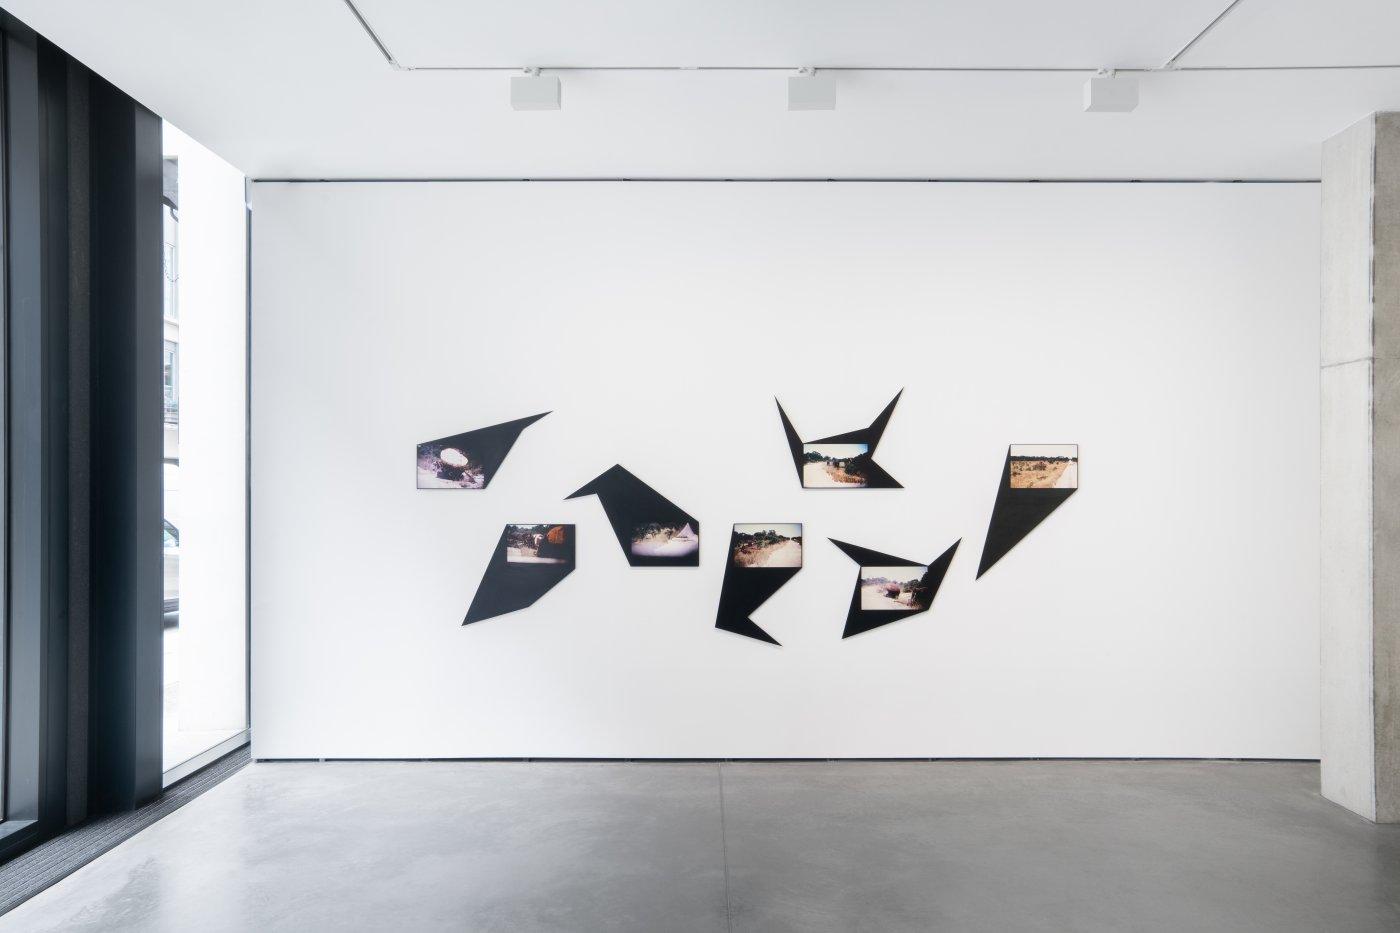 Goodman Gallery Carlos Garaicoa 5